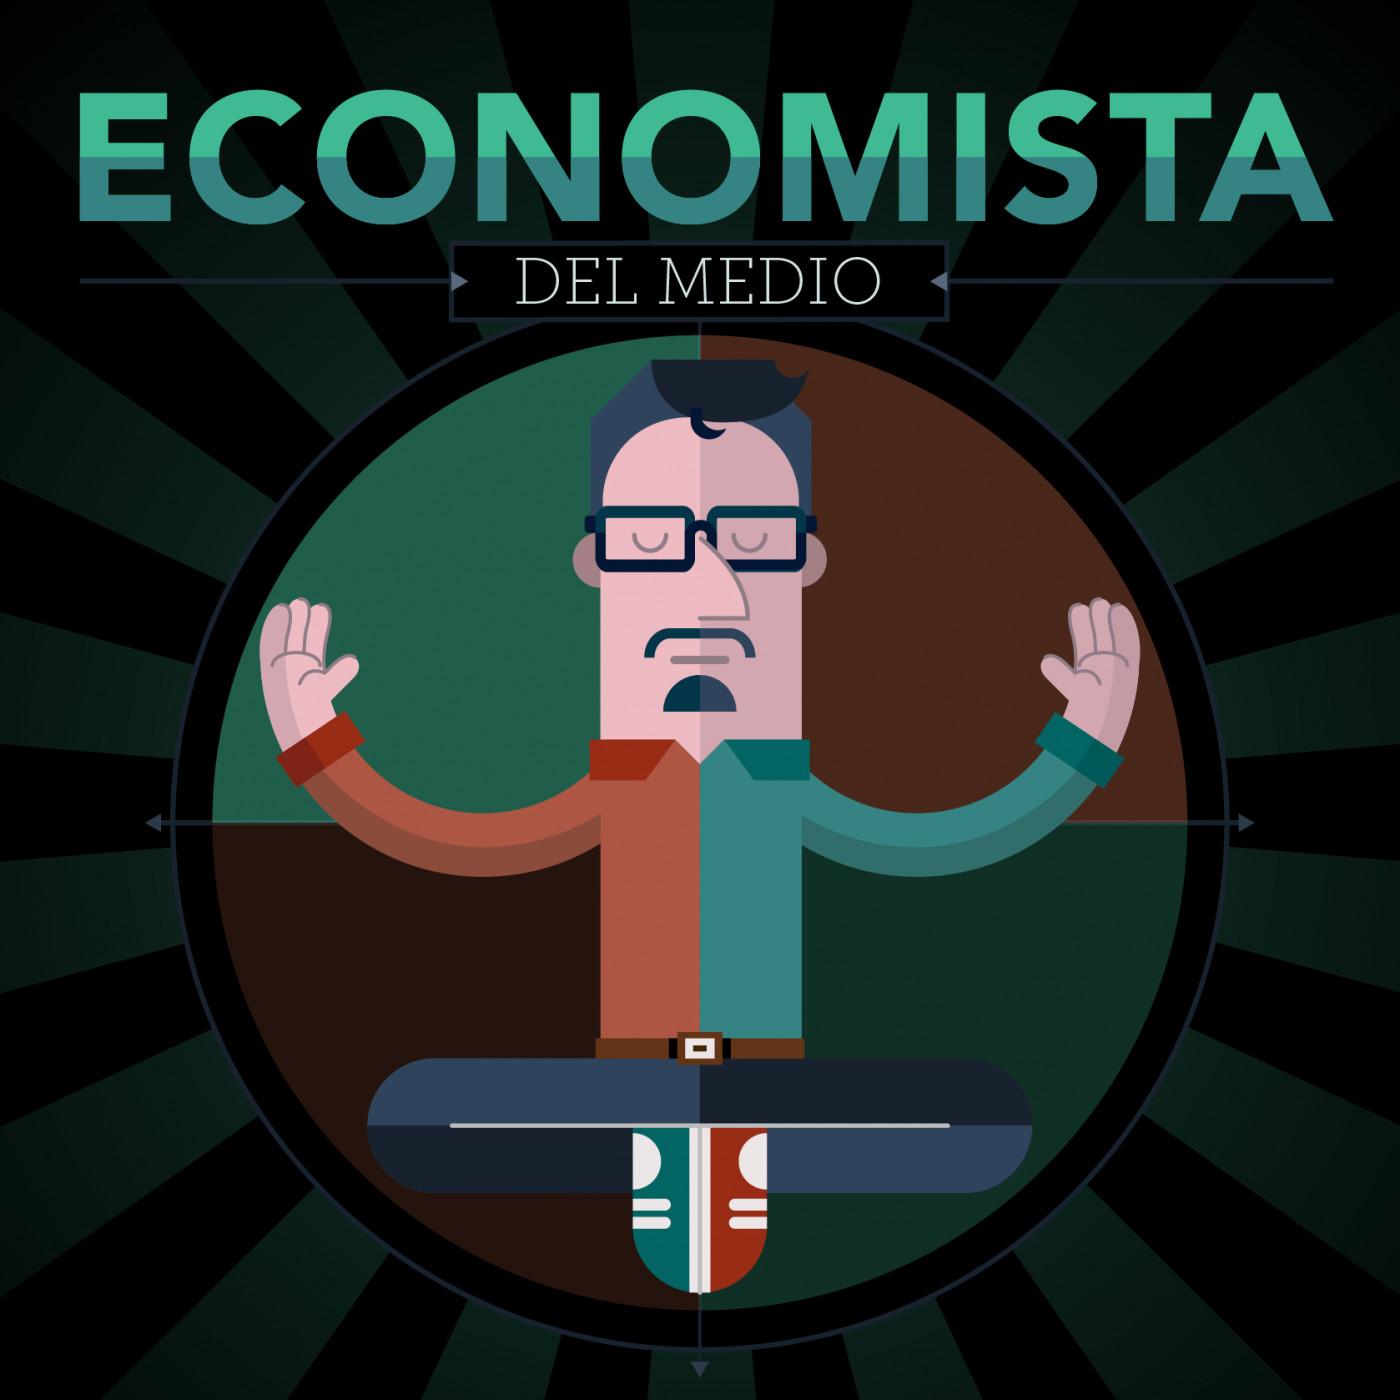 <![CDATA[Economista del medio]]>